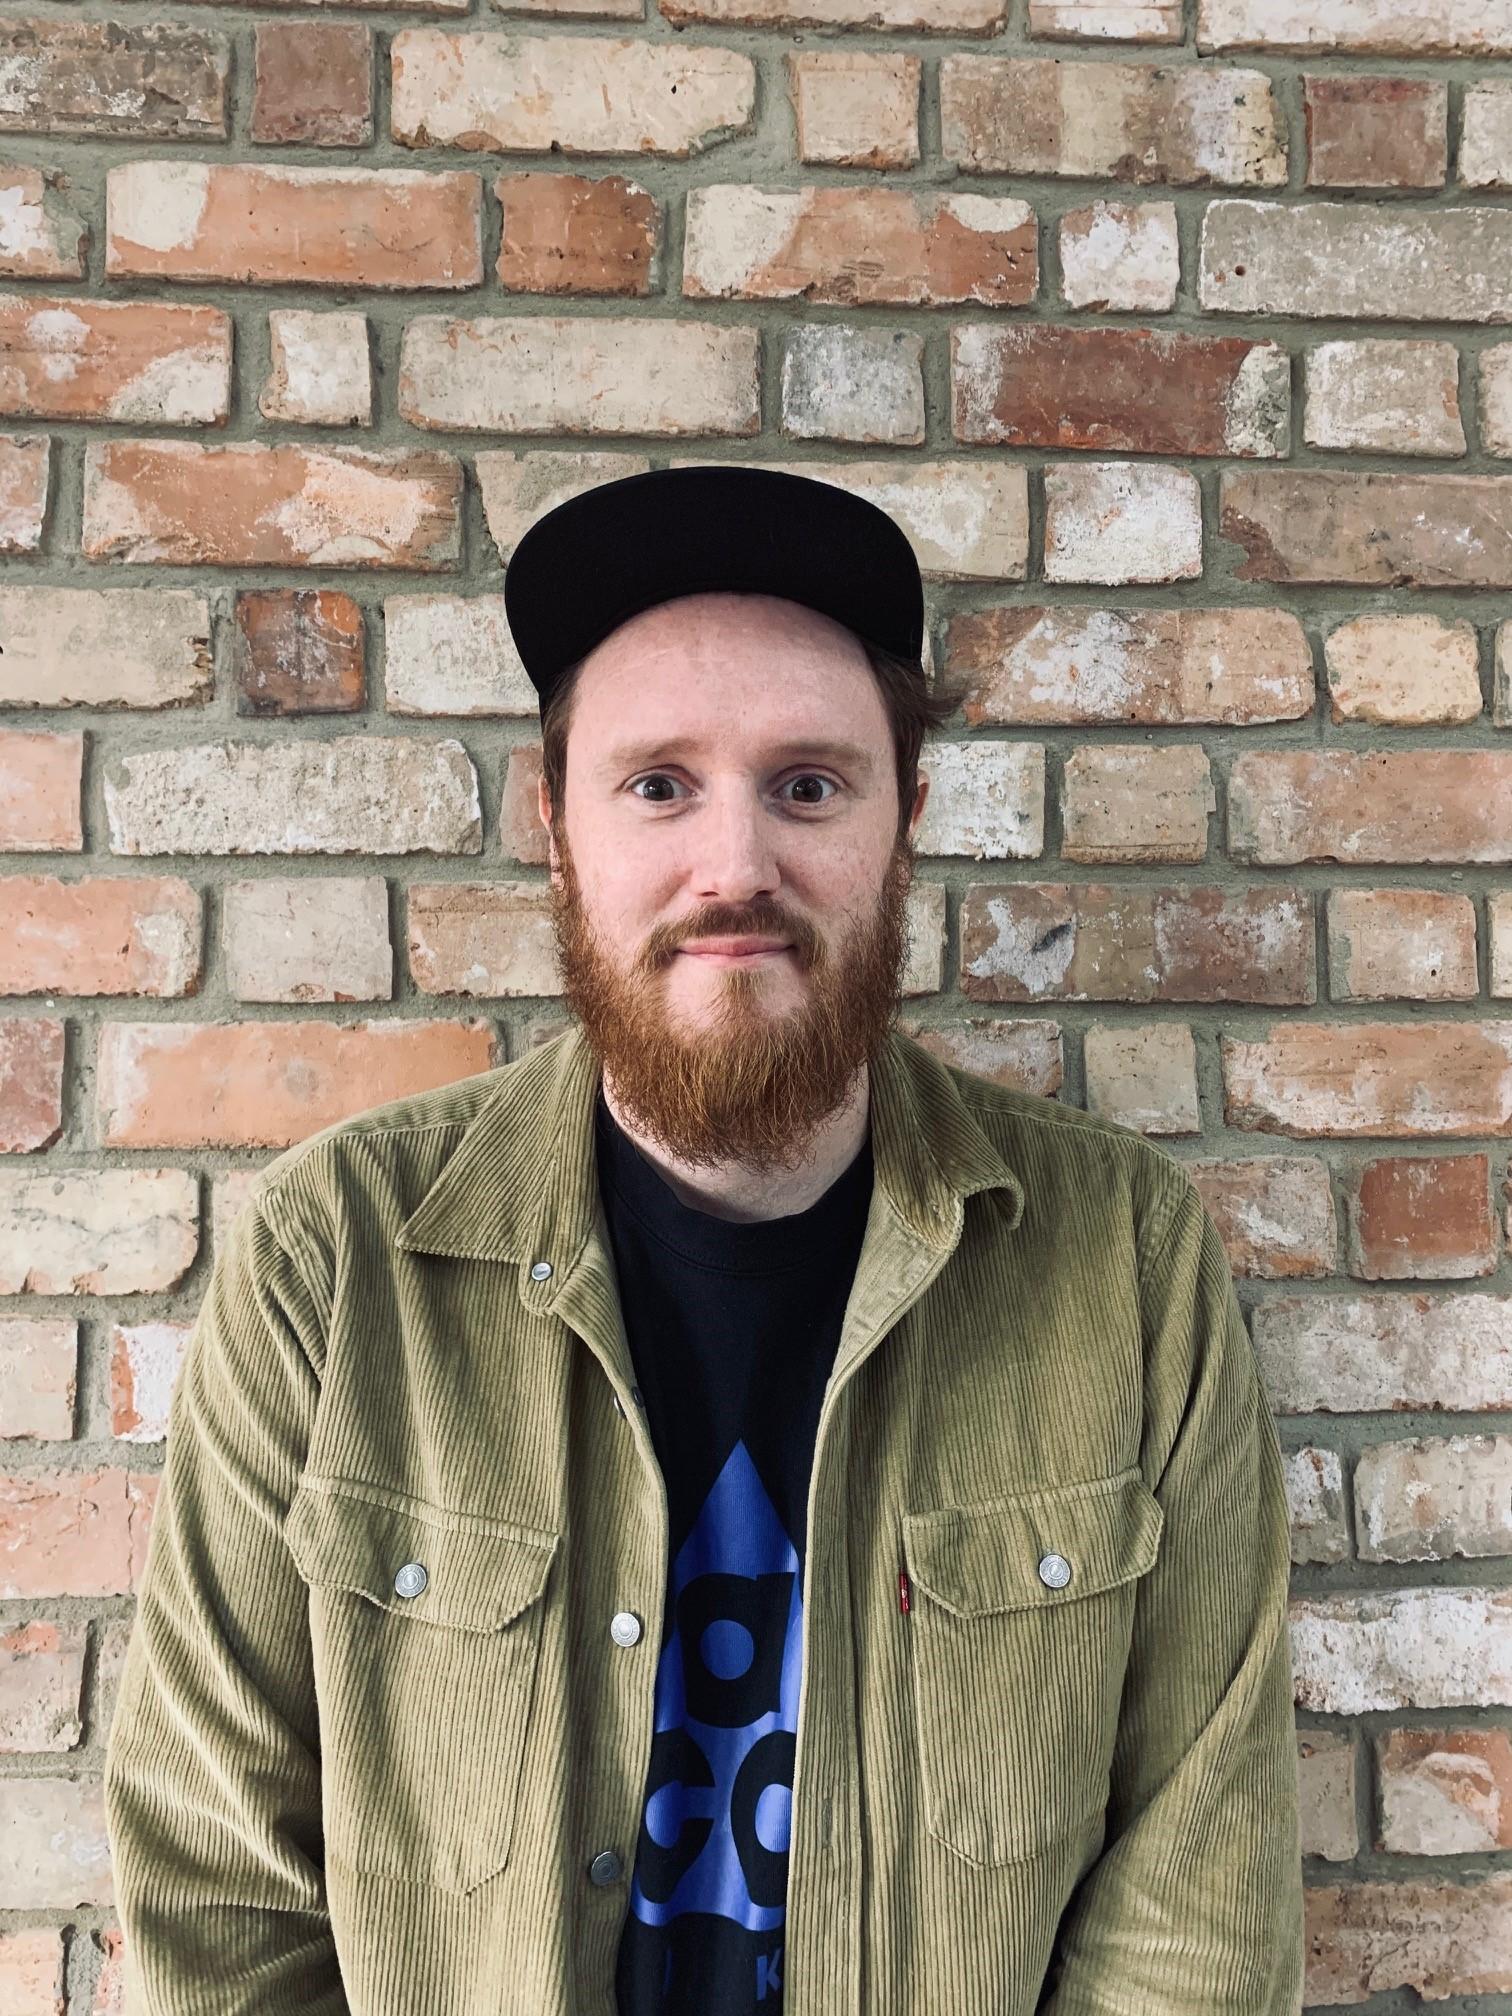 Simon-Carpenter-Gigantic-Tickets